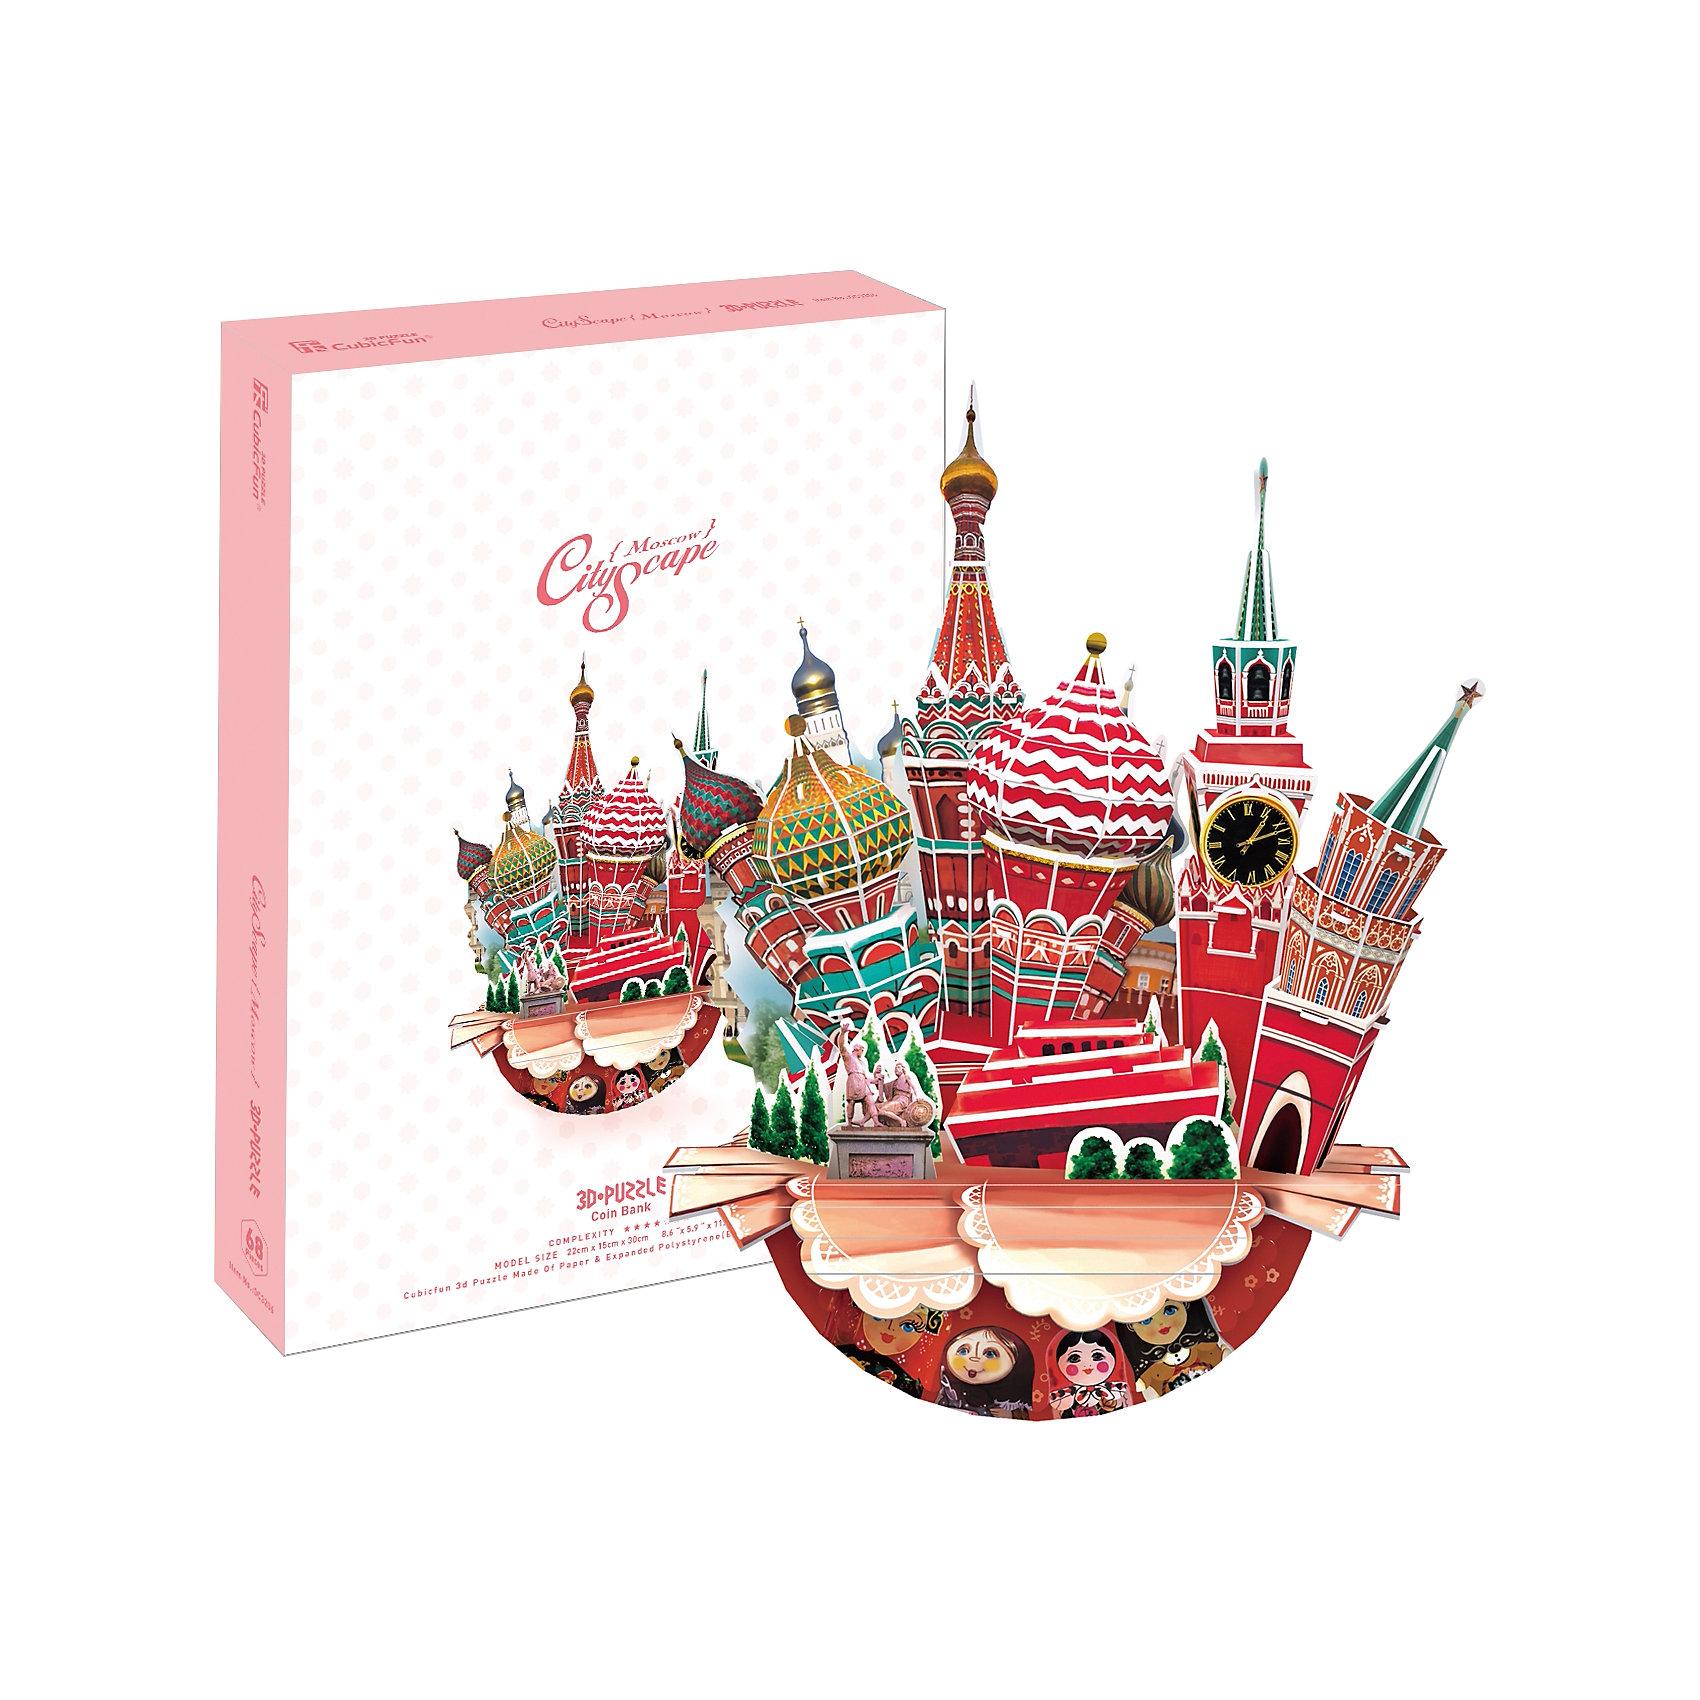 Пазл 3D Городской пейзаж - Москва, CubicFunПазл 3D Городской пейзаж - Москва, CubicFun - увлекательный набор для творчества, который будет интересен не только детям но даже их родителям. С помощью входящих в набор картонных деталей Вы сможете собрать оригинальный трехмерный пазл в виде городского пейзажа с основными достопримечательностями Москвы. Объемная композиция включает в себя все самые узнаваемые символы Москвы - Собор Василия Блаженного, Красную площадь, памятник Минину и Пожарскому, Спасскую башню. Основание-горшок украшено разноцветными матрешками и кружевом. Пазл обирается без использования клея и ножниц, составные элементы отлично соединяются между собой с помощью специальных соединительных приспособлений. Готовая композиция станет отличным украшением интерьера. Собирание пазла способствует развитию логического мышления, внимания, мелкой моторики и координации движений.<br><br>Дополнительная информация:<br><br>- Материал: картон. <br>- Размер в собранном виде: 15 х 30 х 22 см.<br>- Размер упаковки: 30 х 22 х 4 см.<br>- Вес: 0,3 кг.<br><br>Пазл 3D Городской пейзаж - Москва, CubicFun, можно купить в нашем интернет-магазине.<br><br>Ширина мм: 225<br>Глубина мм: 305<br>Высота мм: 45<br>Вес г: 440<br>Возраст от месяцев: 72<br>Возраст до месяцев: 192<br>Пол: Унисекс<br>Возраст: Детский<br>Количество деталей: 68<br>SKU: 4038030